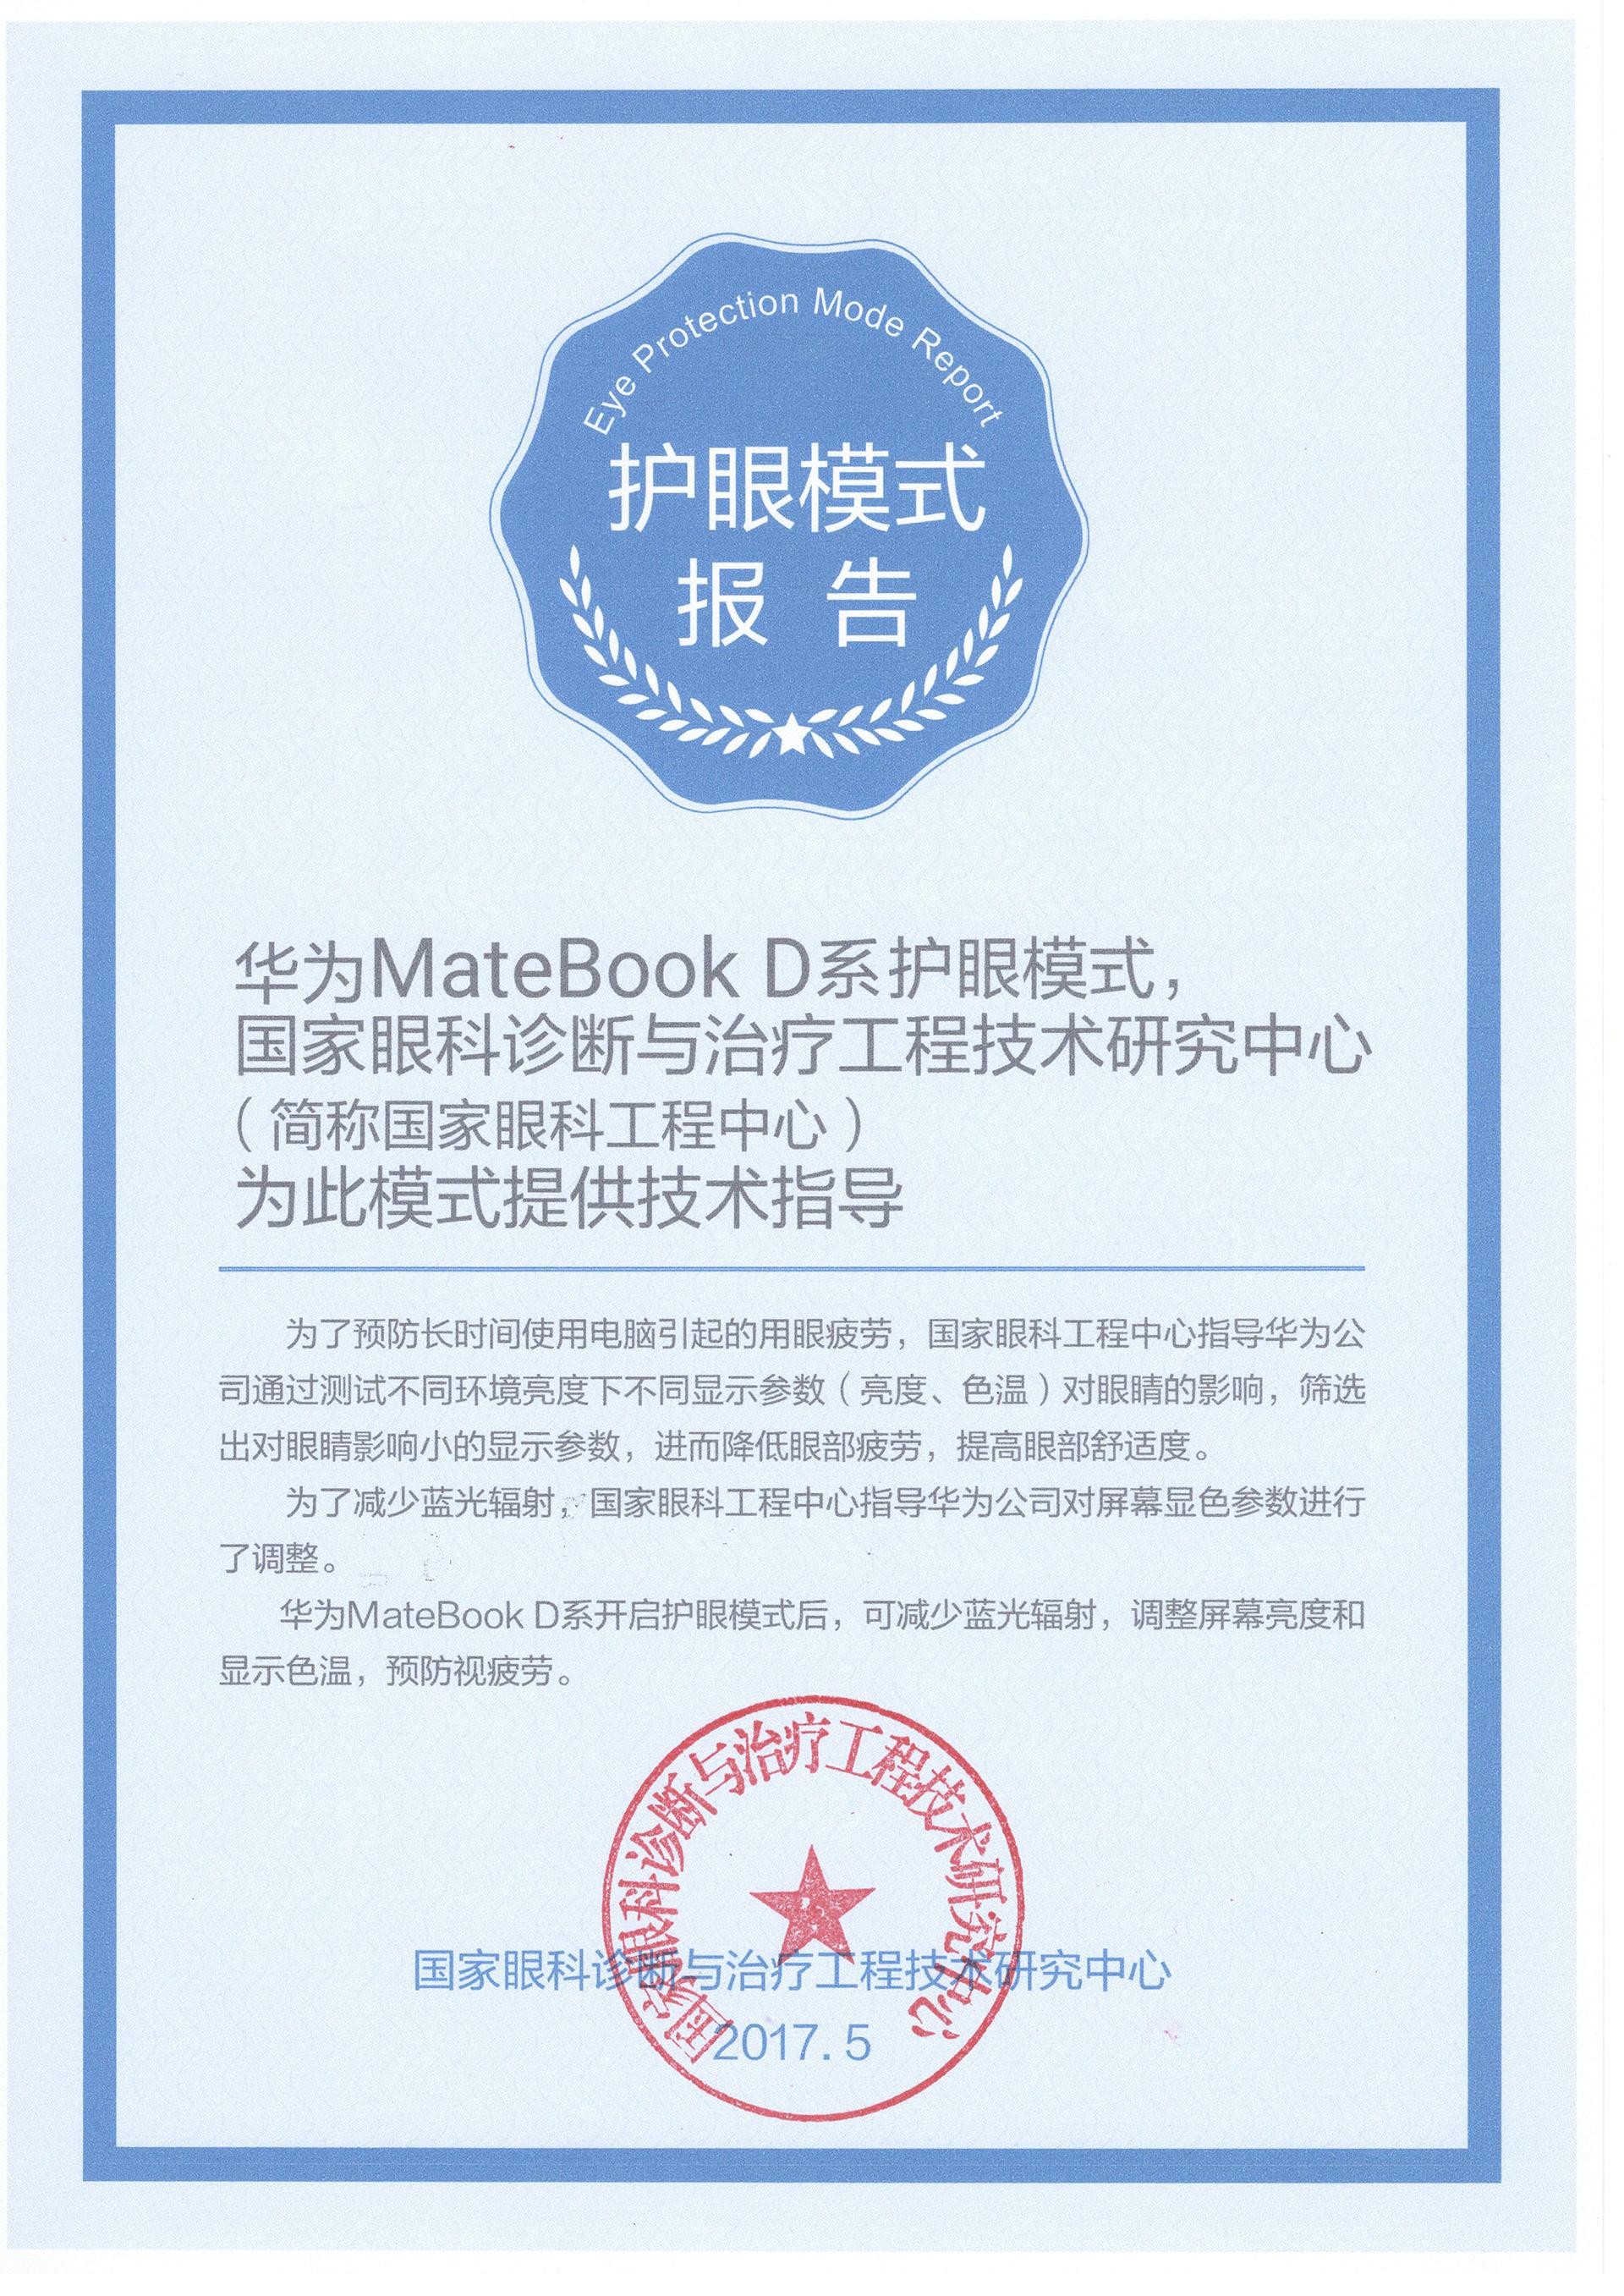 华为MateBook+D系护眼证书1920.jpg